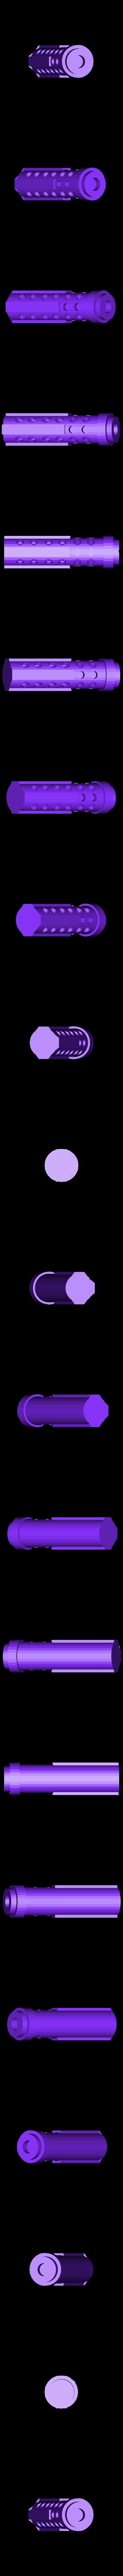 shoota_barrel.stl Télécharger fichier STL gratuit KustomWagon (en plusieurs pièces) • Objet imprimable en 3D, Savex